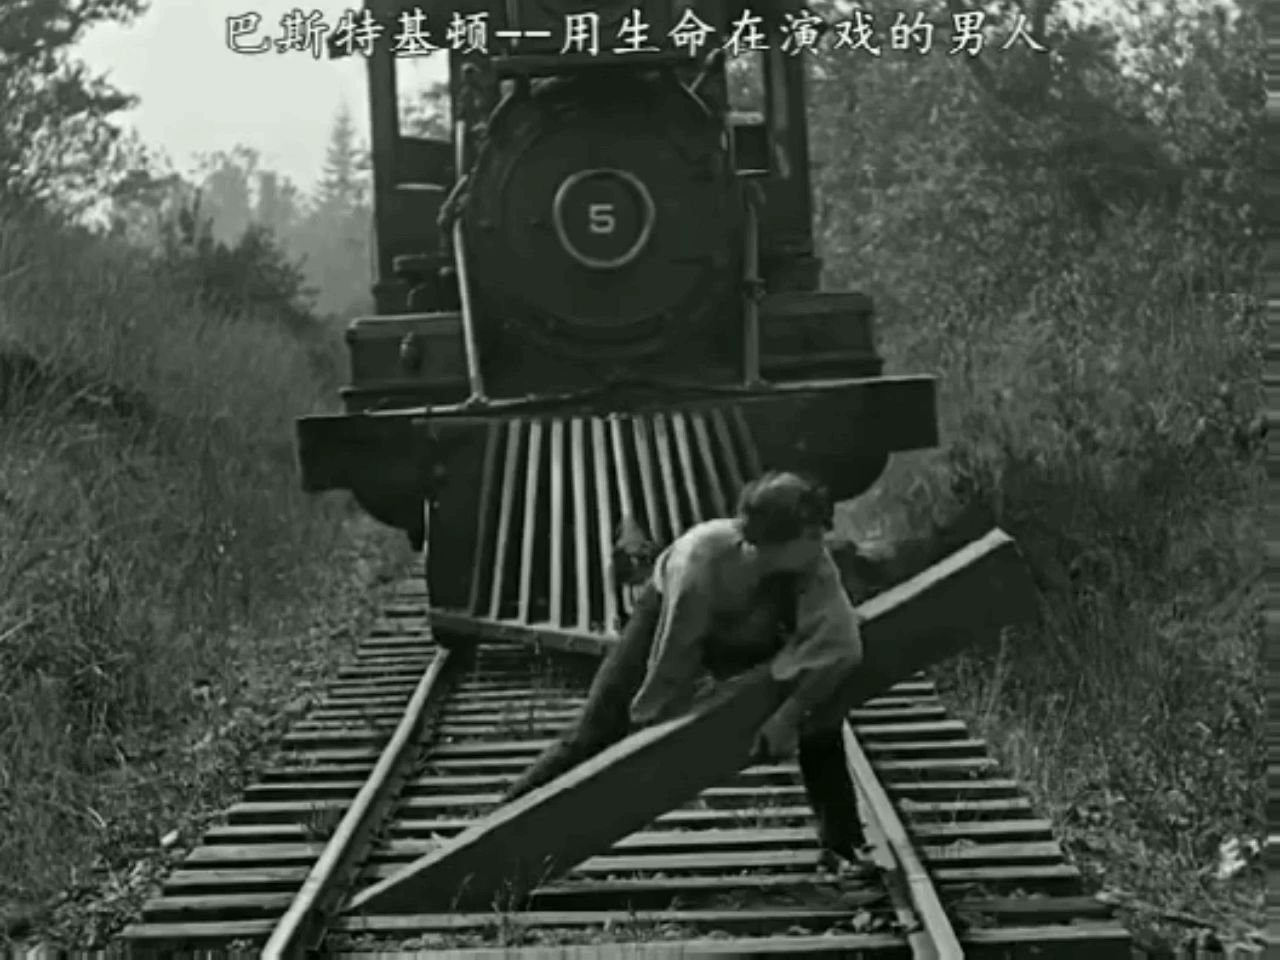 #带上花椒去旅行 #追剧不能停#周末大放送#巴斯特基顿教你如何一个人开火车(3)